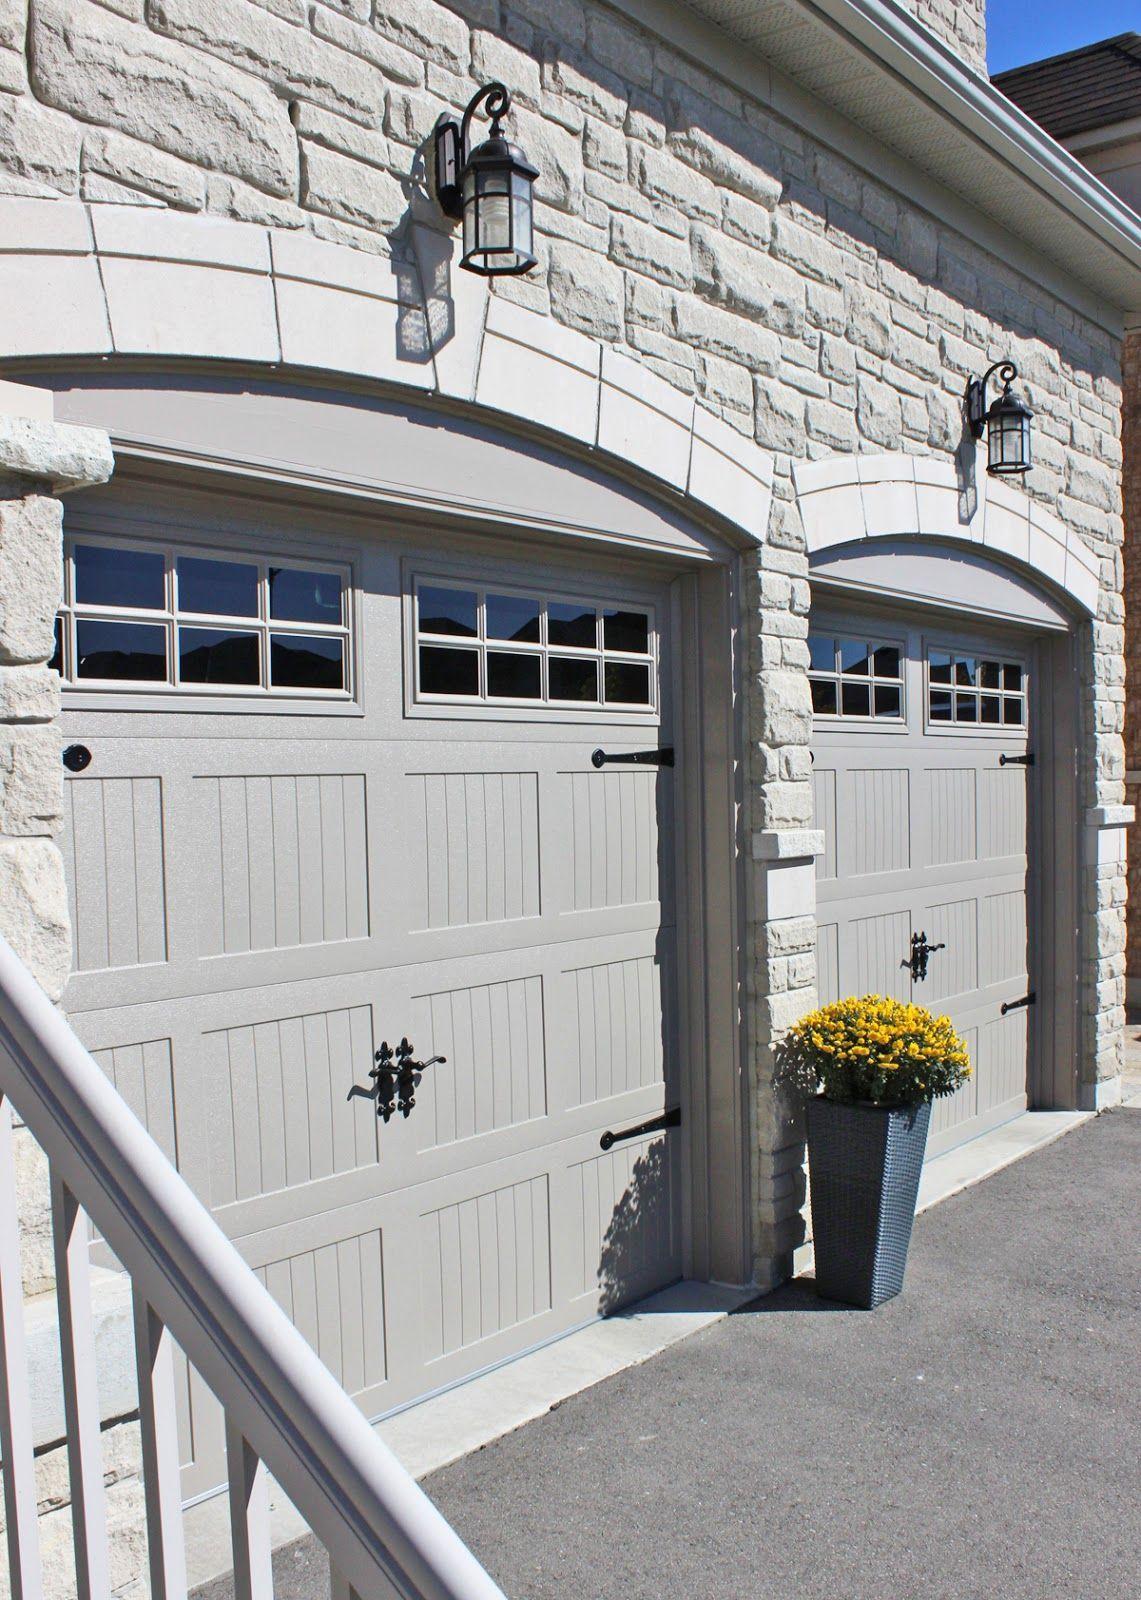 Am Dolce Vita New Garage Doors Garage Door Styles Garage Doors Carriage Style Garage Doors